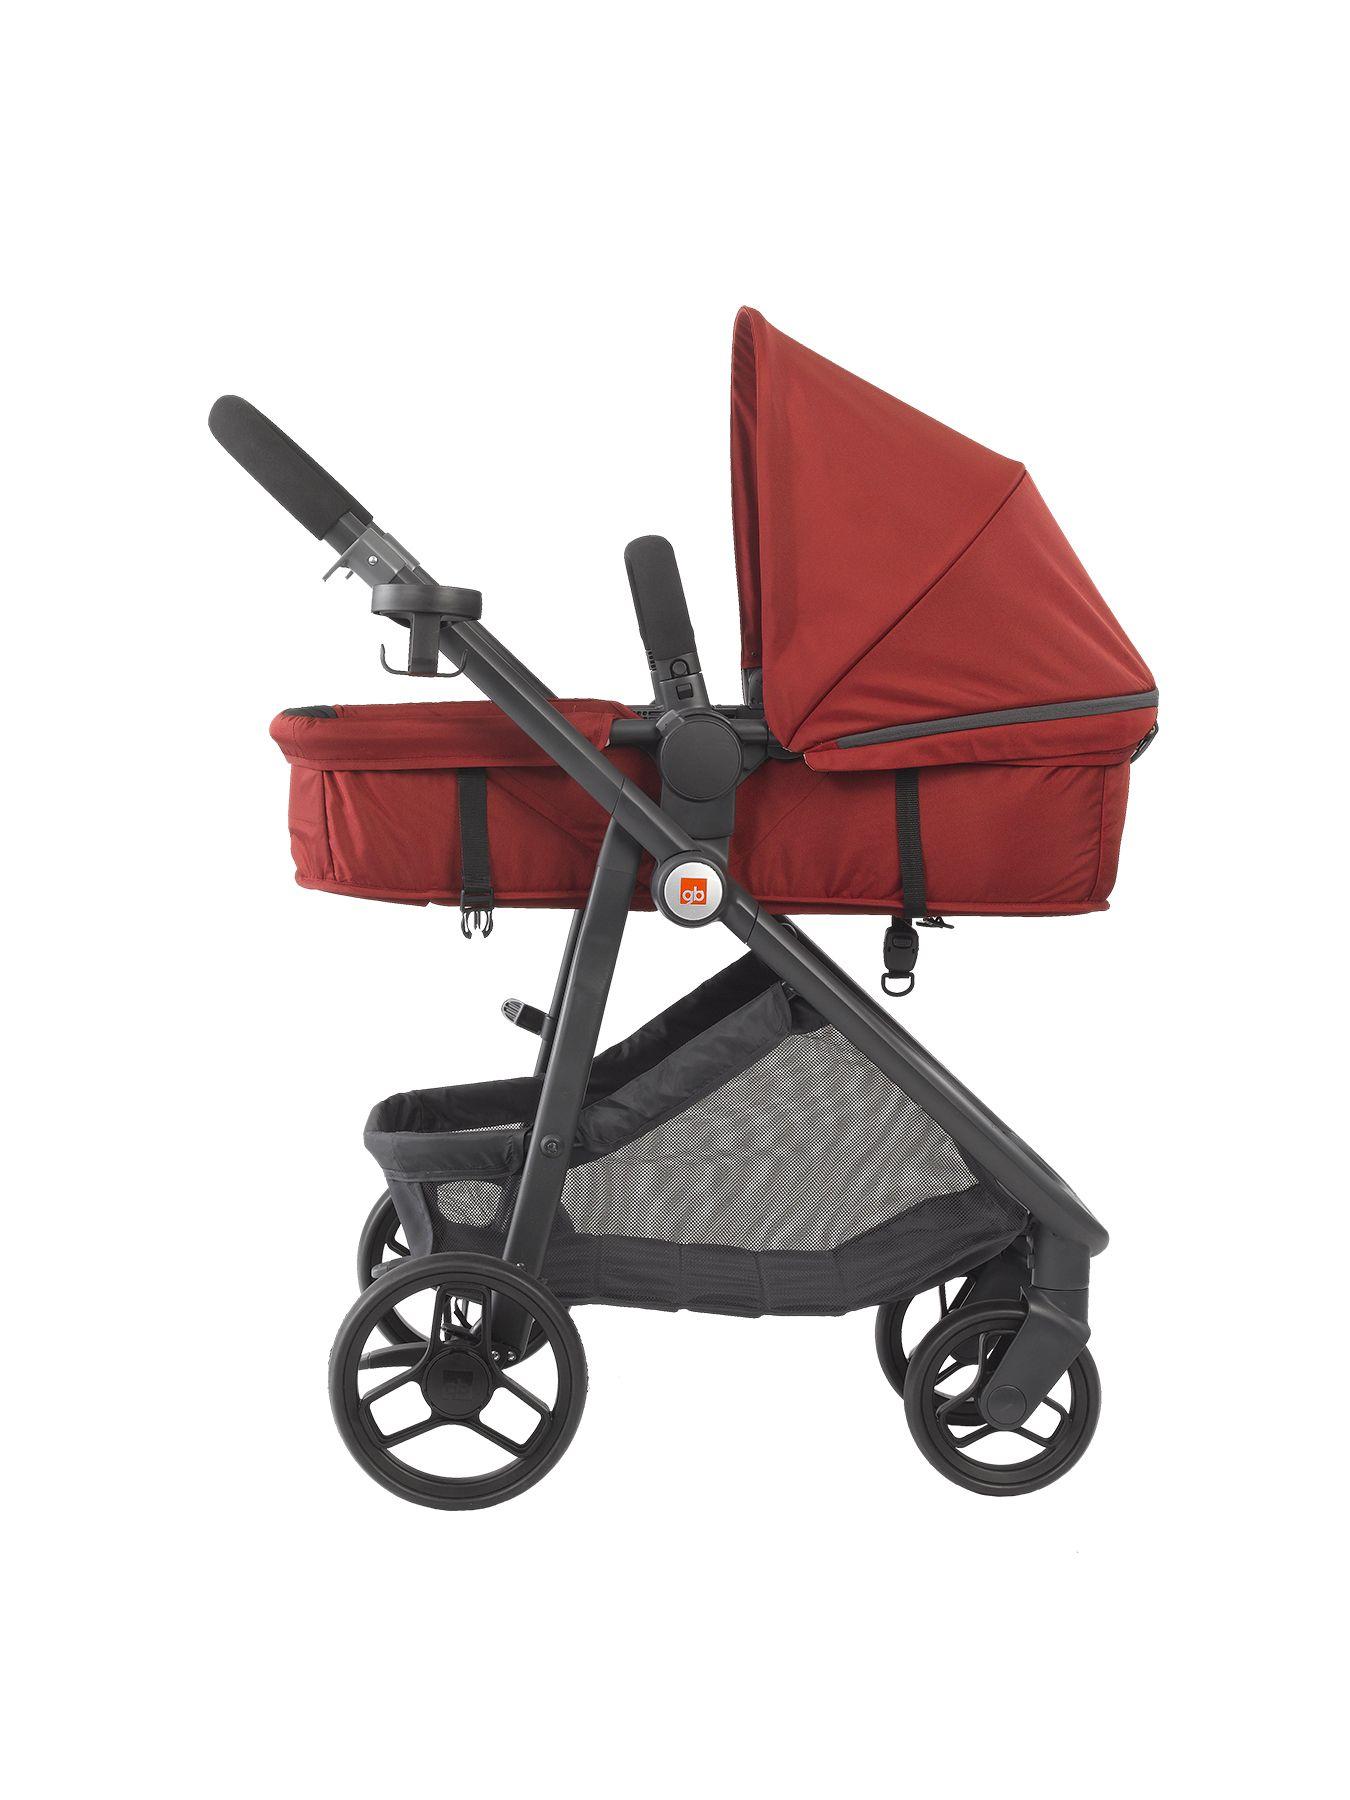 LYFE GBChildUSA Travel system stroller, Travel system